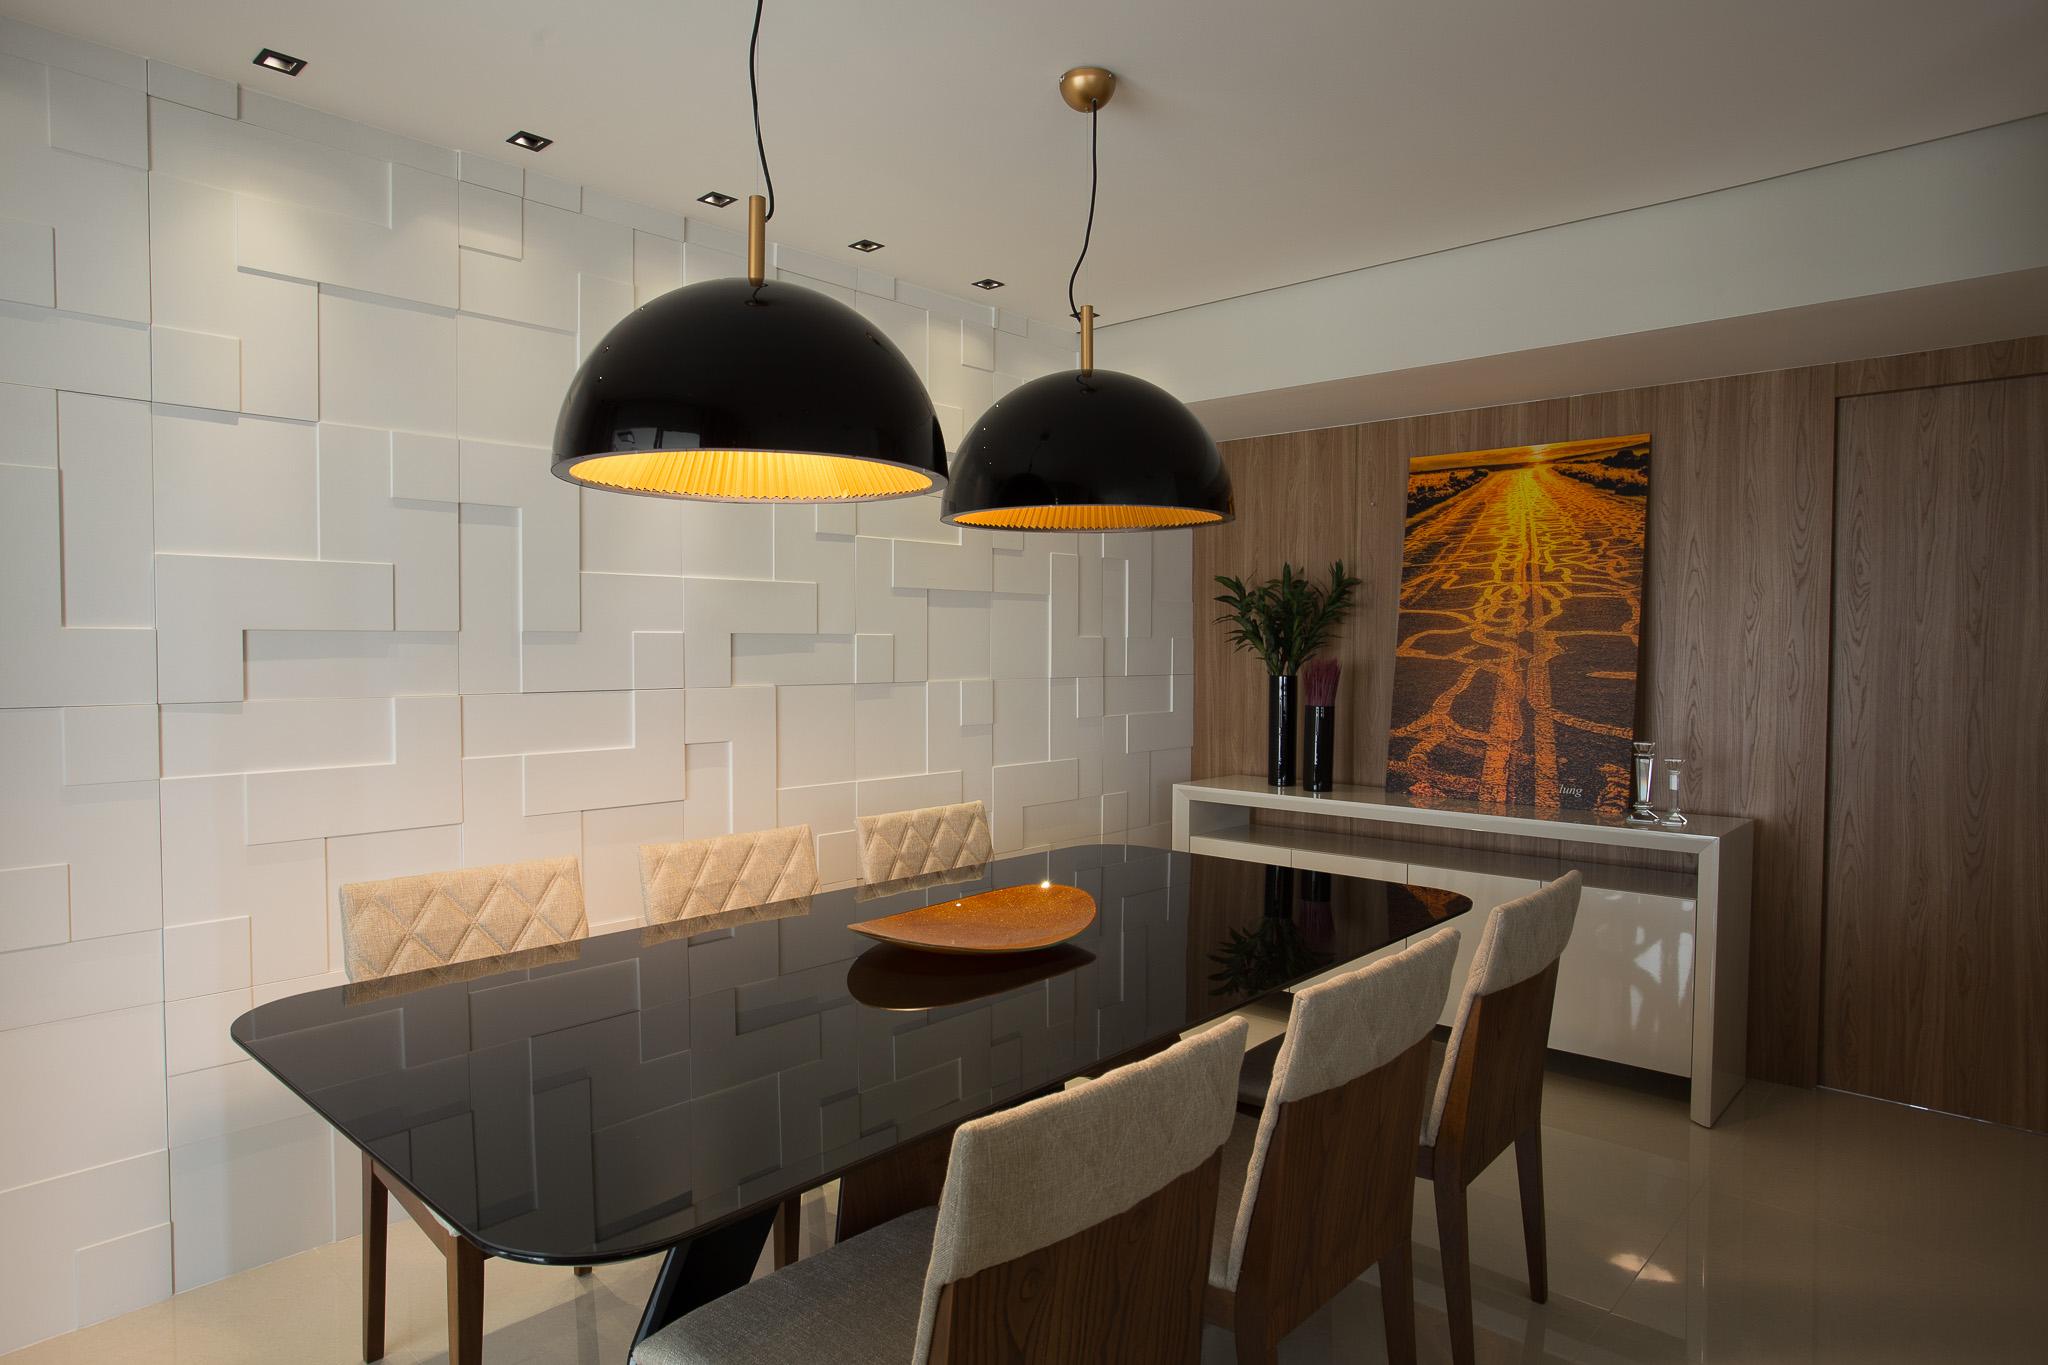 Sala de jantar com parede principal de revestimento cimentício 3D, parede lateral com revestimento de madeira, mesa de 6 lugares preta e cadeiras de madeira com estofado branco.